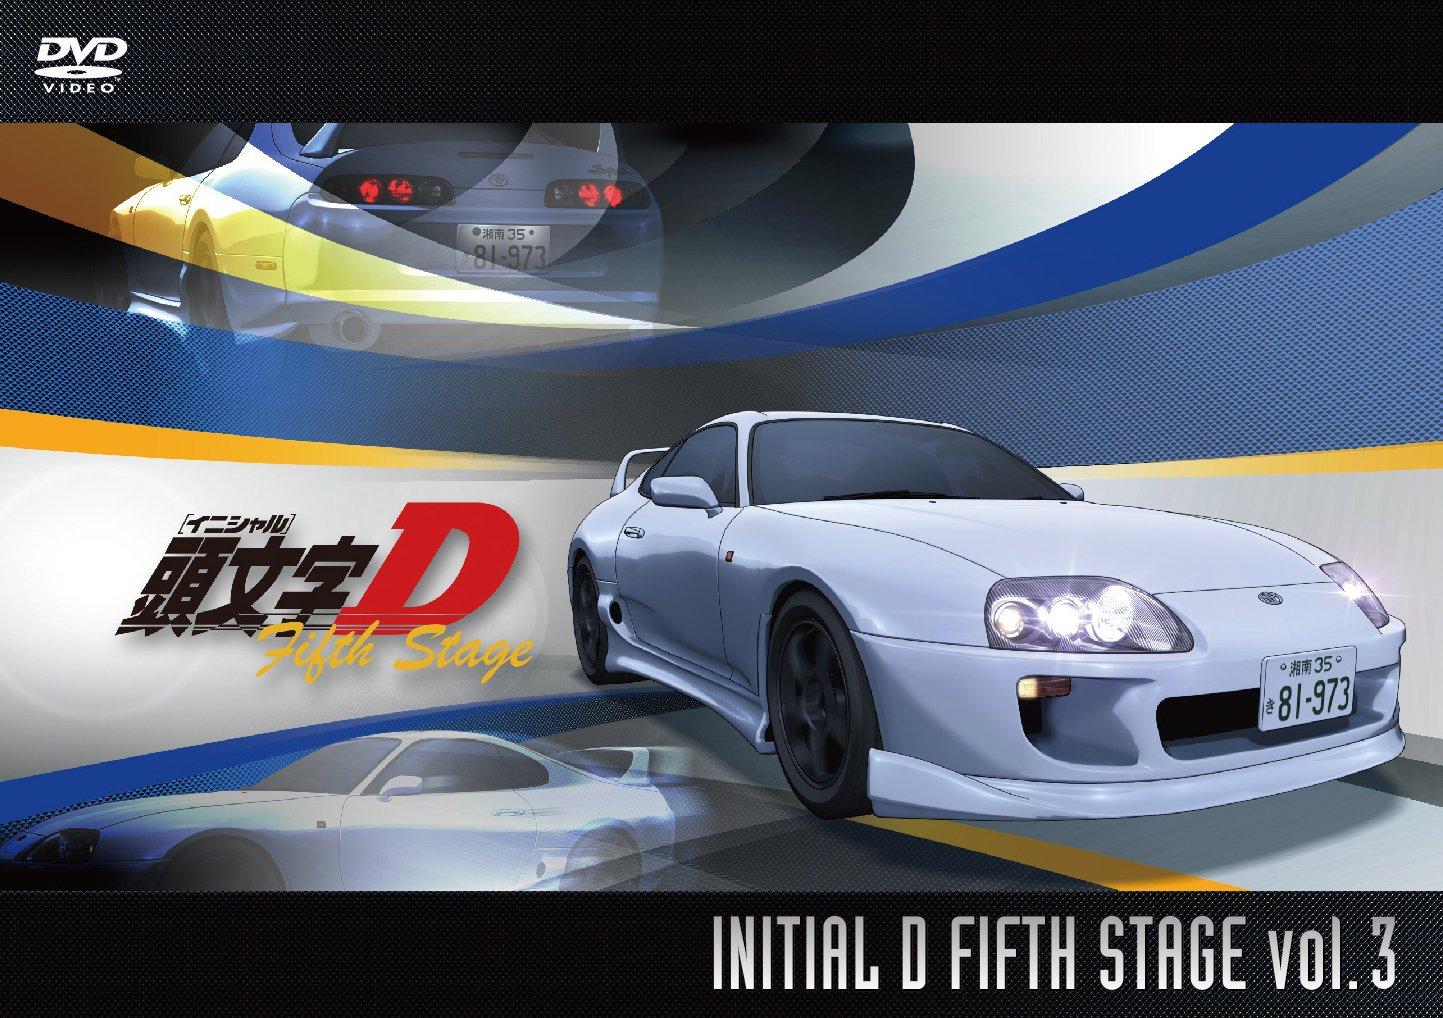 Initial D Fifth 3